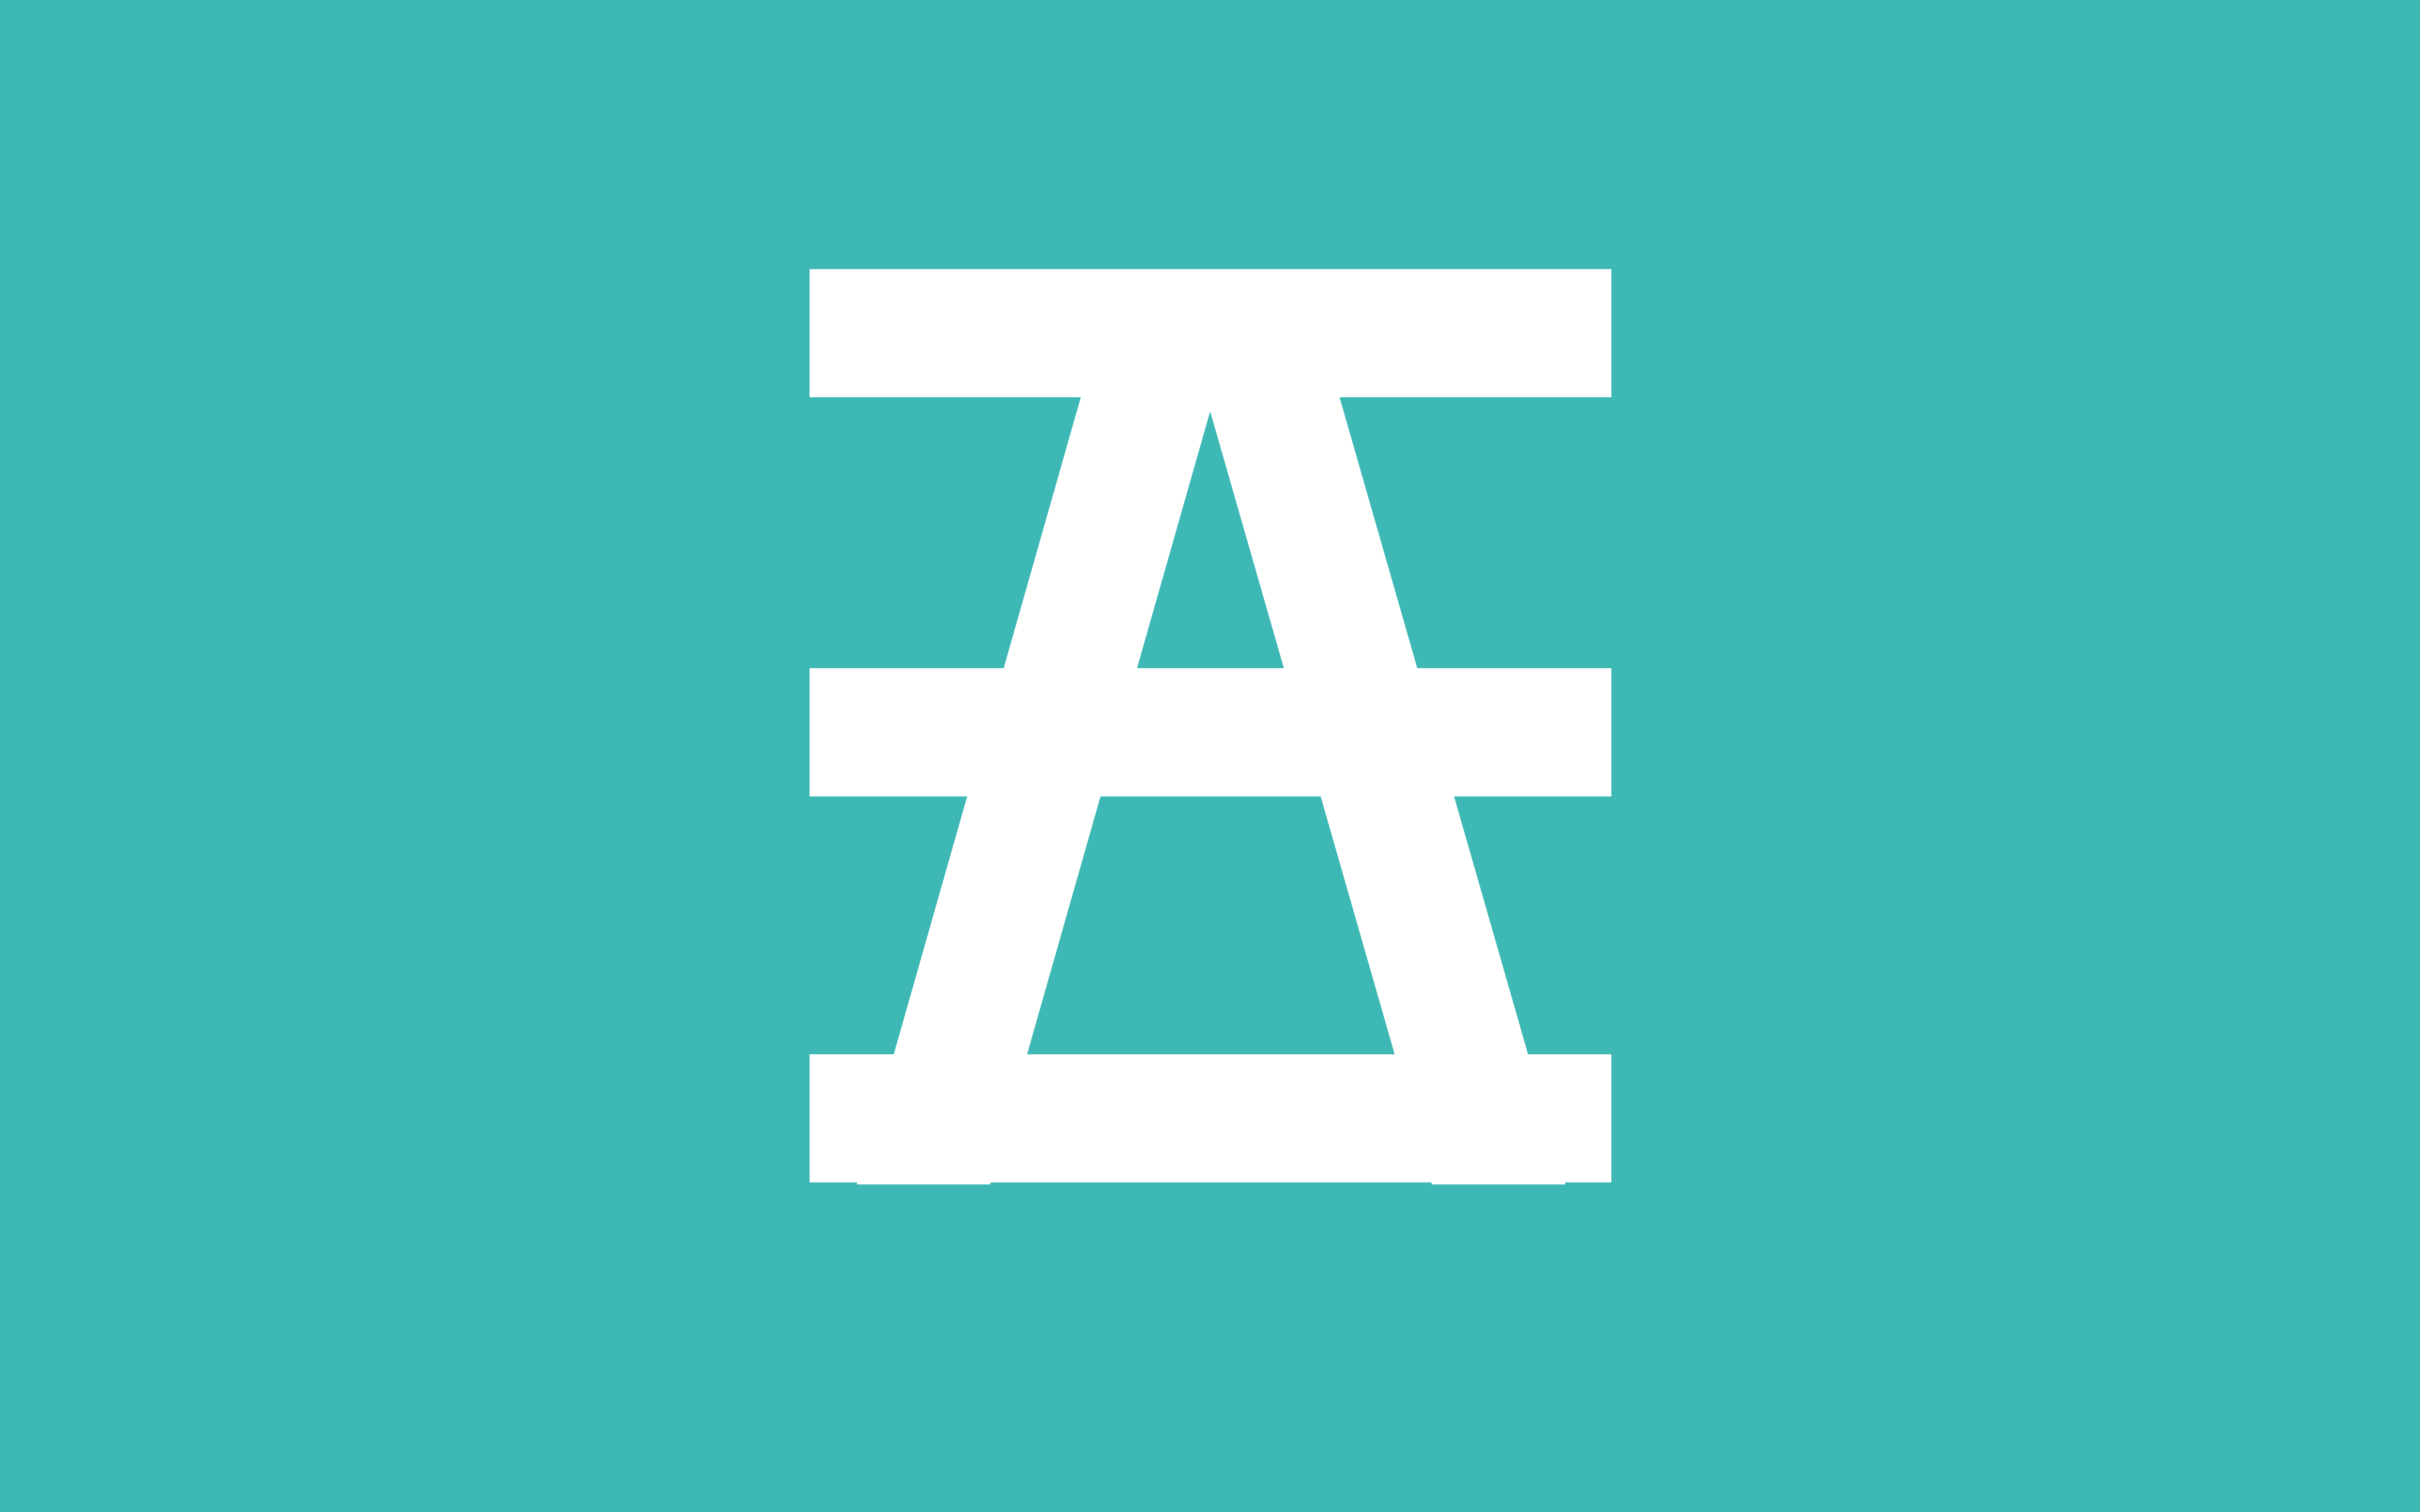 Ethan Anarchy emblem